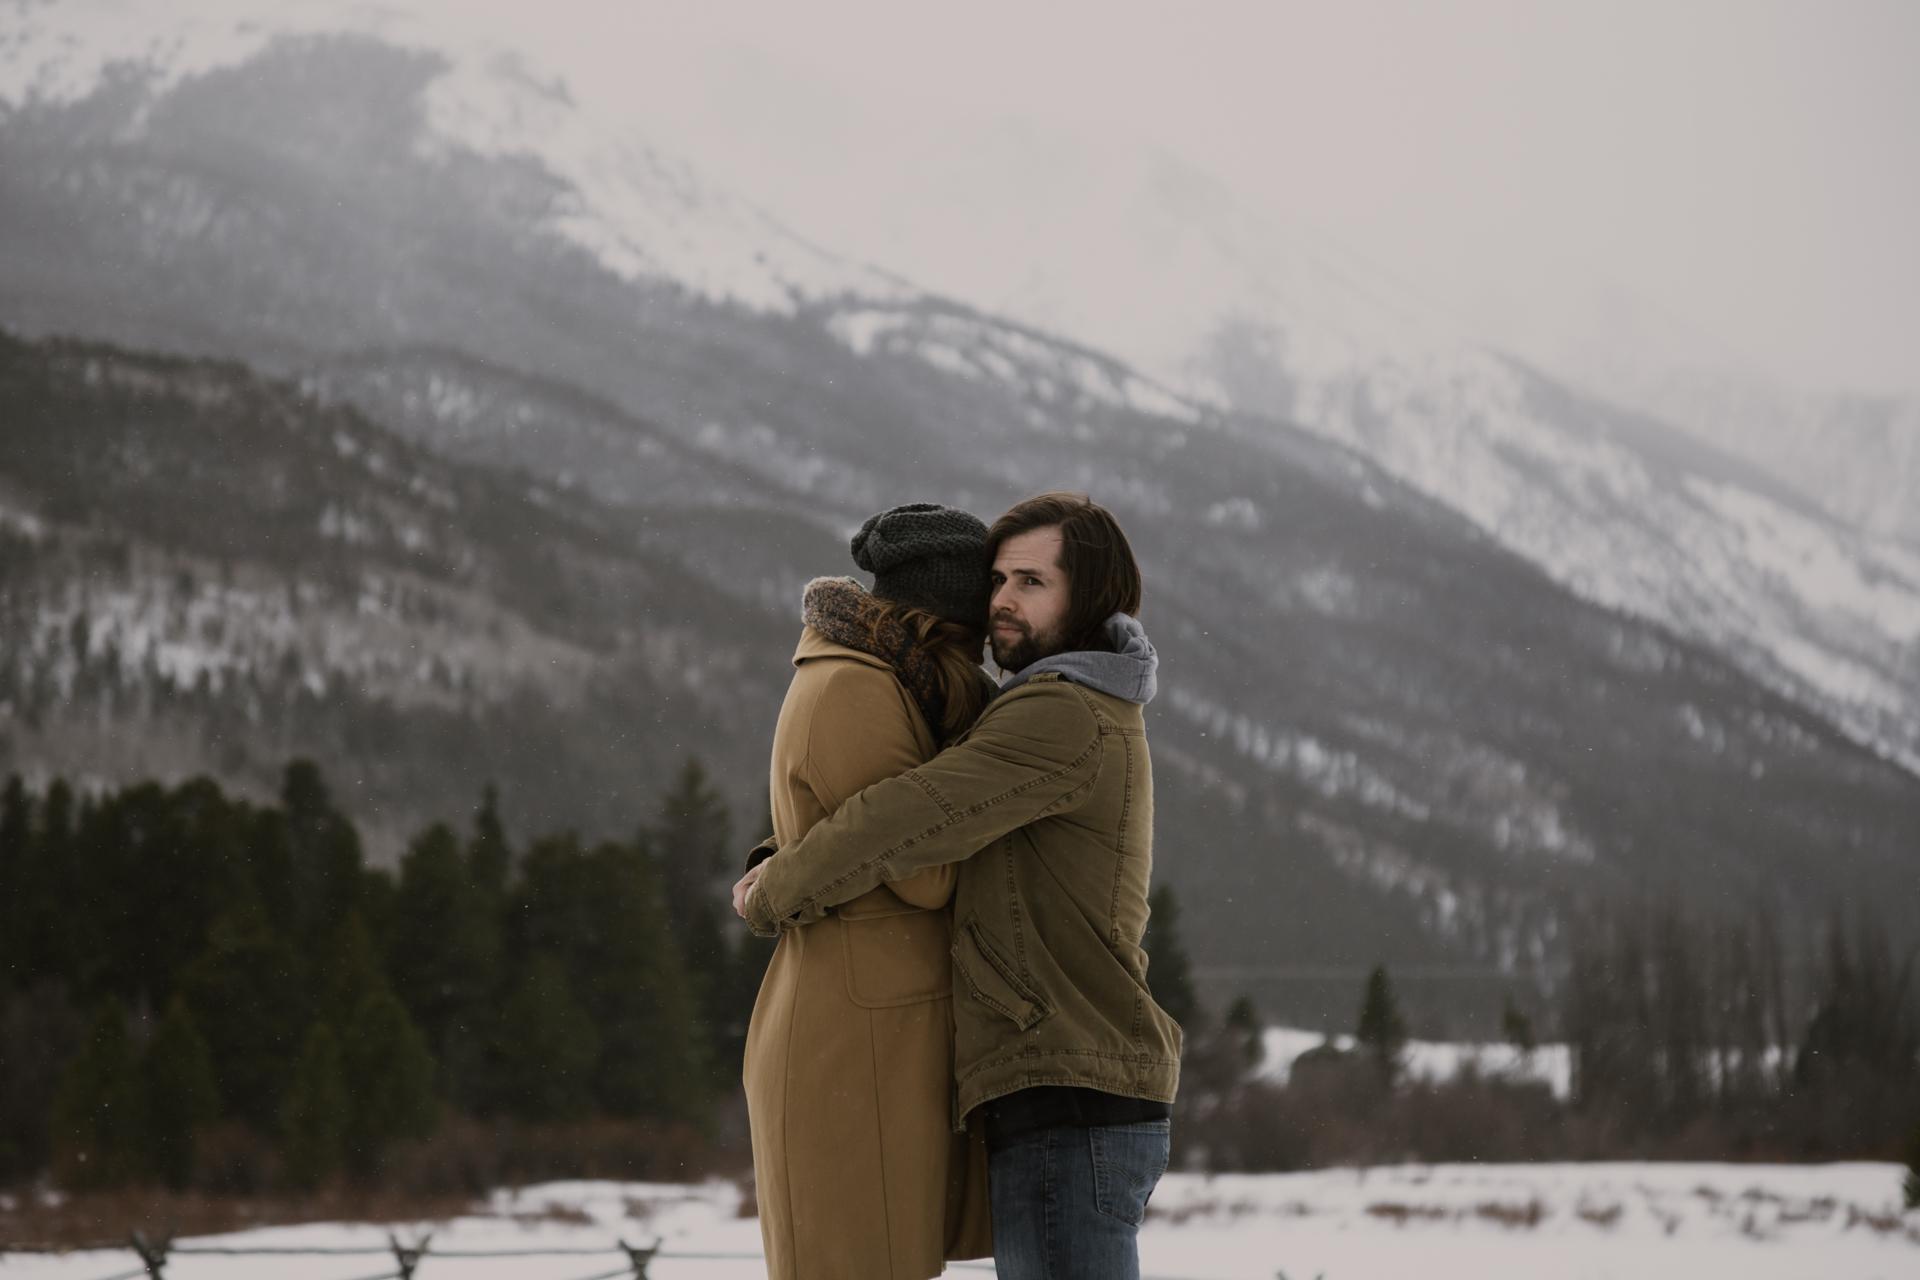 snowy-mountain-colorado-couples-shoot-14.jpg